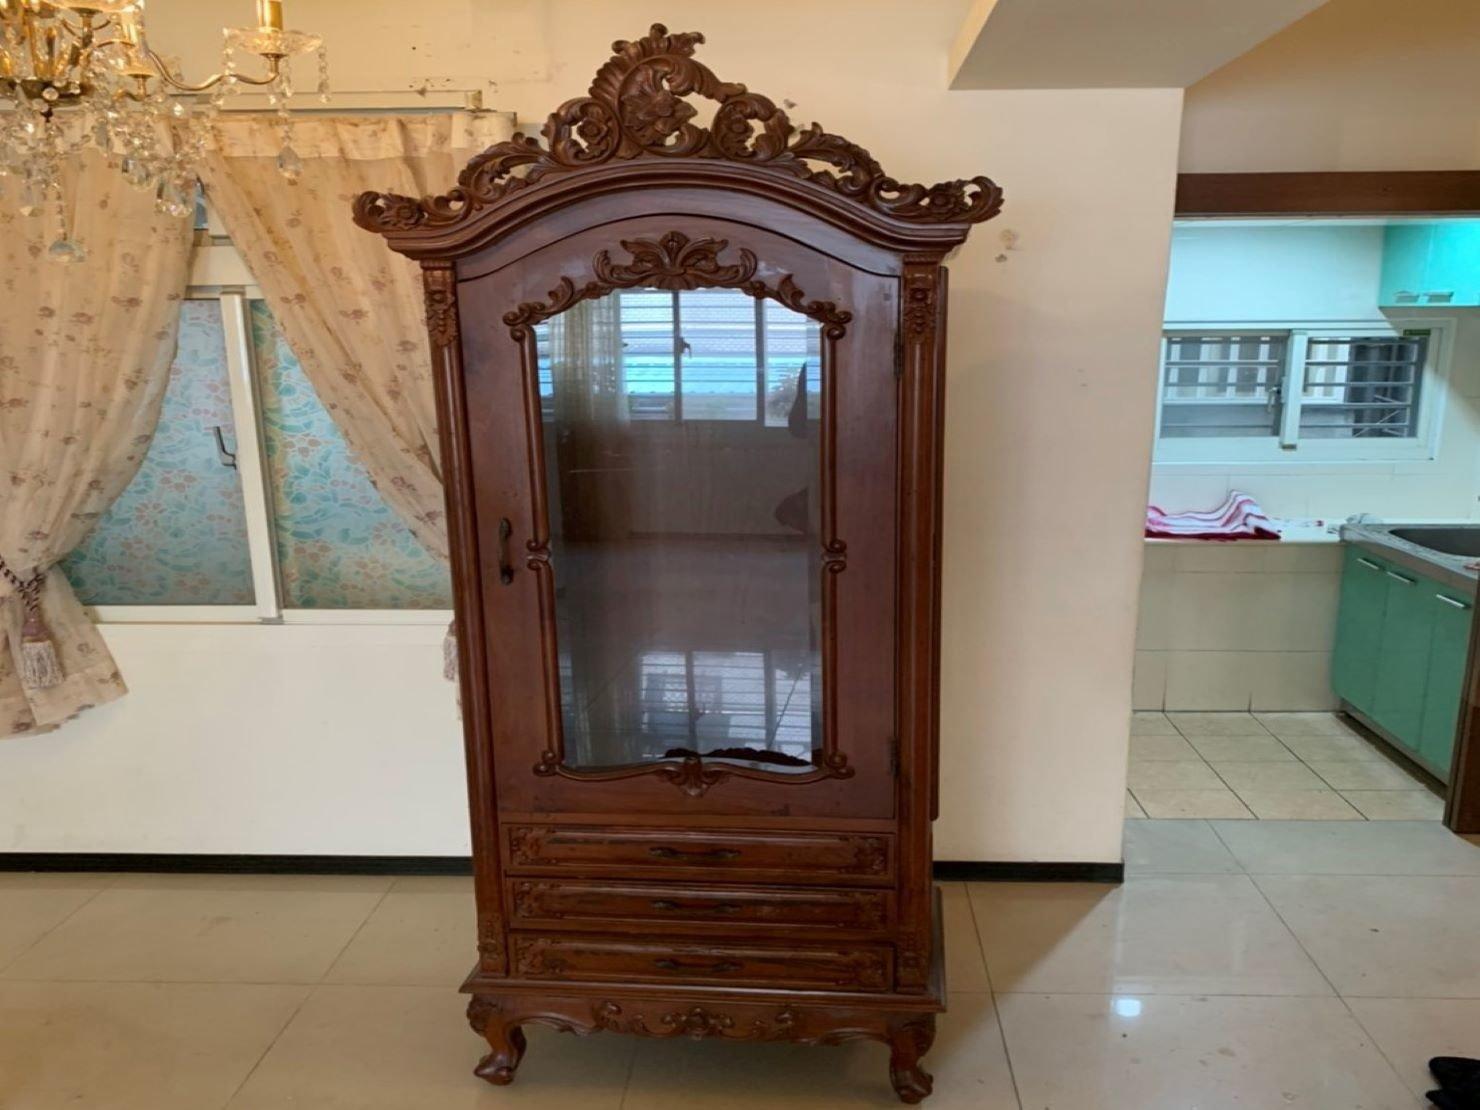 台北搬家公司推薦【榮福搬家】口碑第一、台北搬家:超大紅木玻璃櫃:特別用精緻包裝方式來加強防護